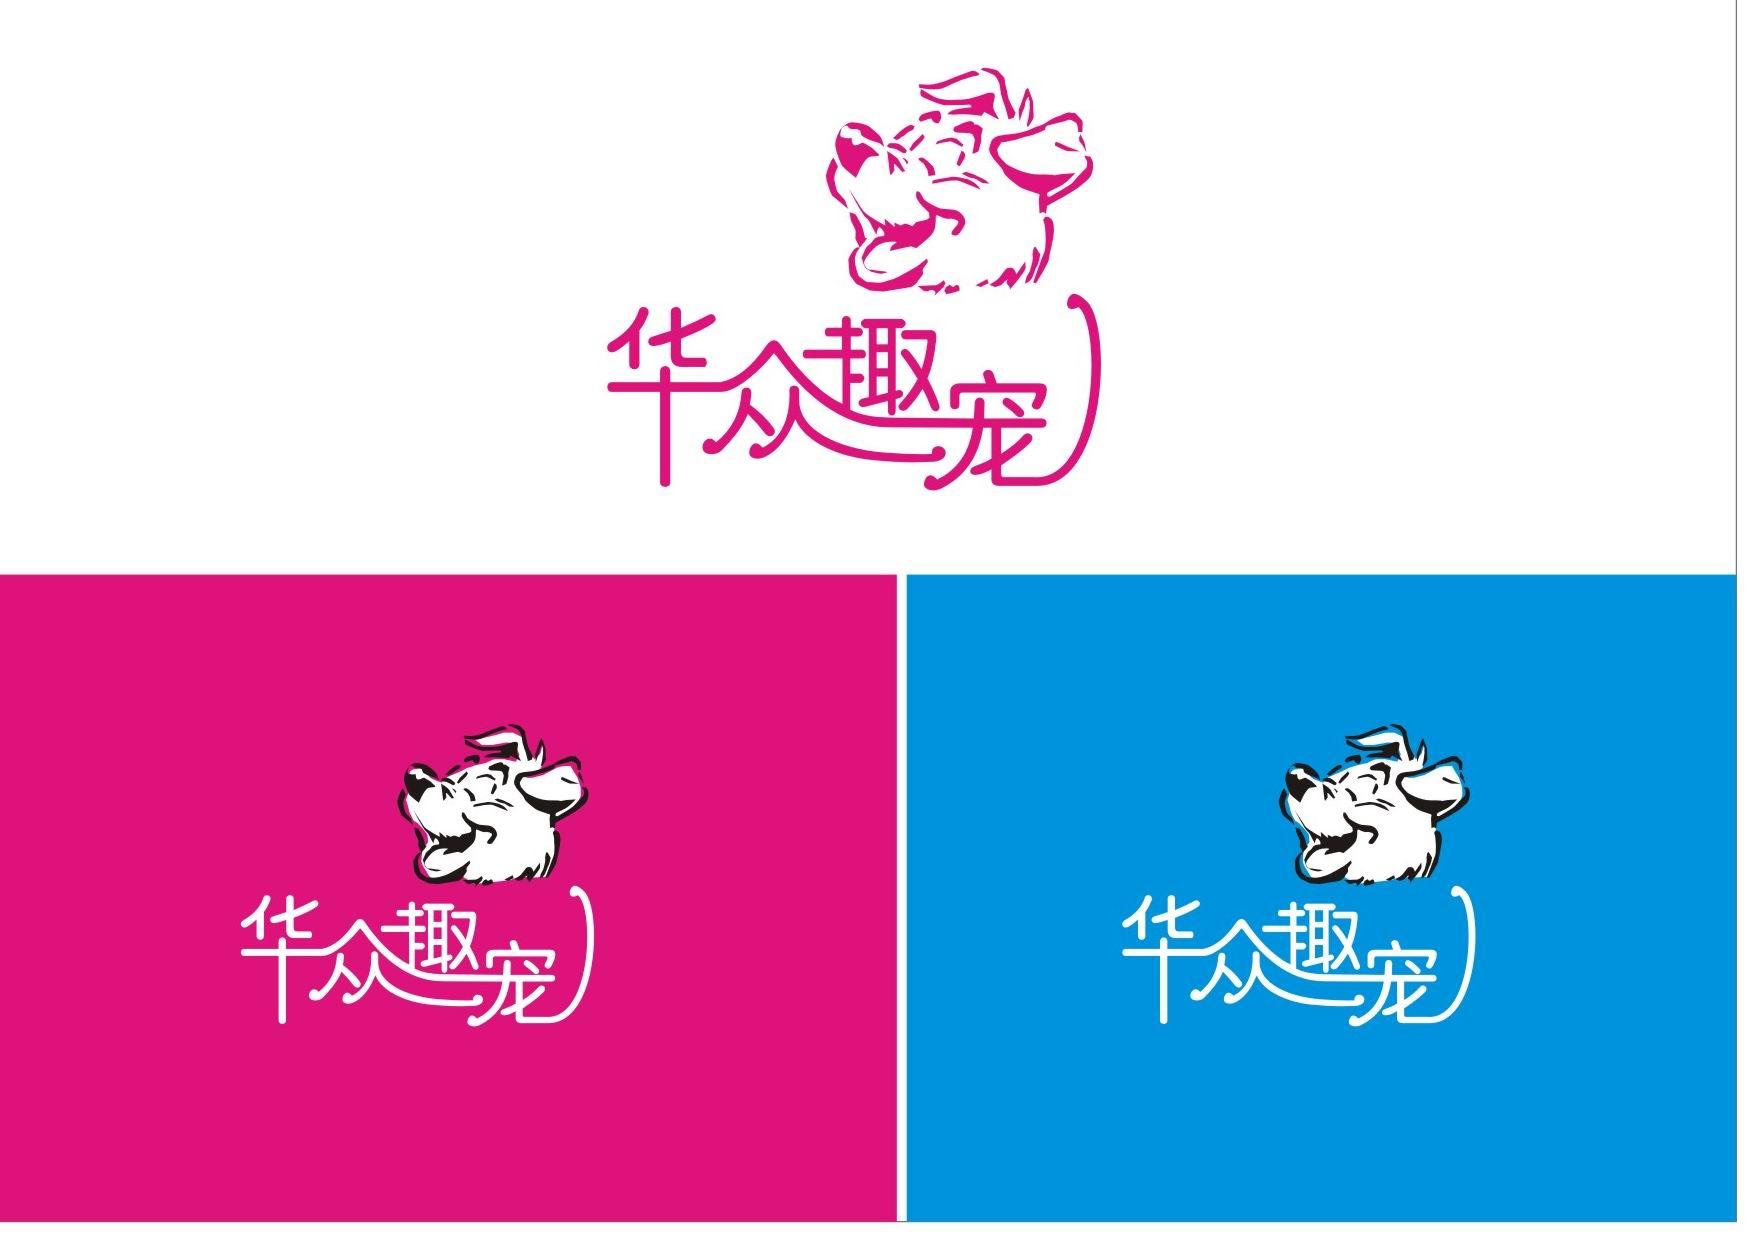 杭州天元宠物用品有限公司LOGO设计 杭州天元宠物用品有限公司,创立于1998年,是一家致力于专业化生产宠物用品的生产性企业,目前杭州天元宠物已成为全国宠物用品重点出口企业之一。 天元宠物从产品设计、开发到生产形成一条龙,专业产品有:海绵狗窝系列、猫跳台系列、及宠物服饰和小玩具。产品主要出口到日本、澳大利亚、法国、意大利、美国等十几个国家和地区。 天元的使命: 让全世界人们更热爱生活,关爱动物 让我们的品牌为您的爱宠生活更添乐趣 给宠物温馨,令主人放心